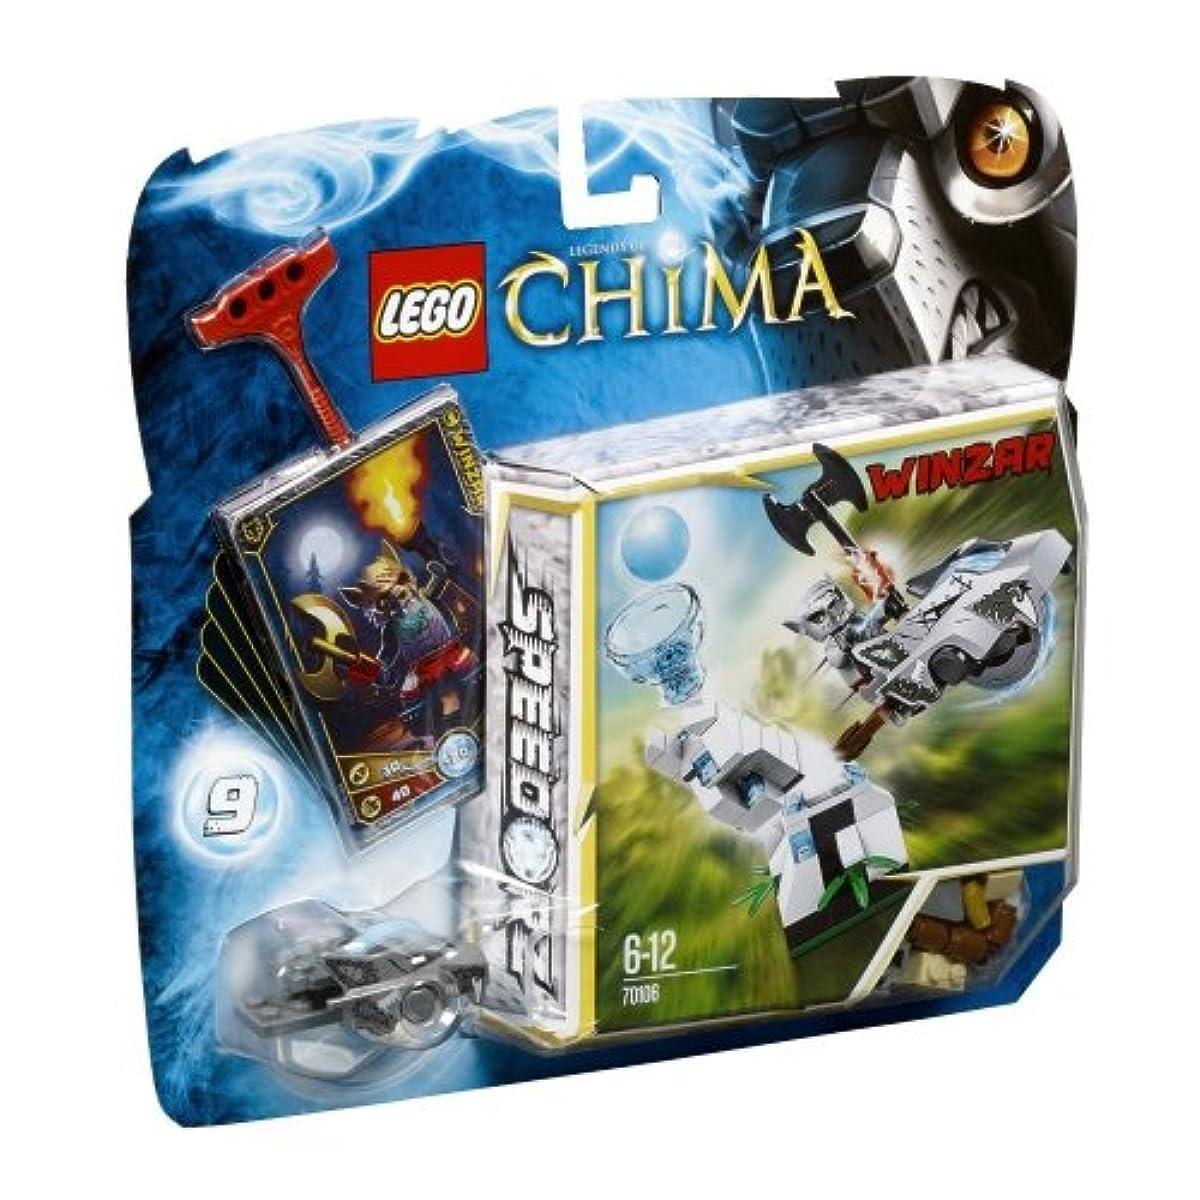 [해외] 레고 (LEGO) 찌마 아이스 타워 70106 (2013-04-12)